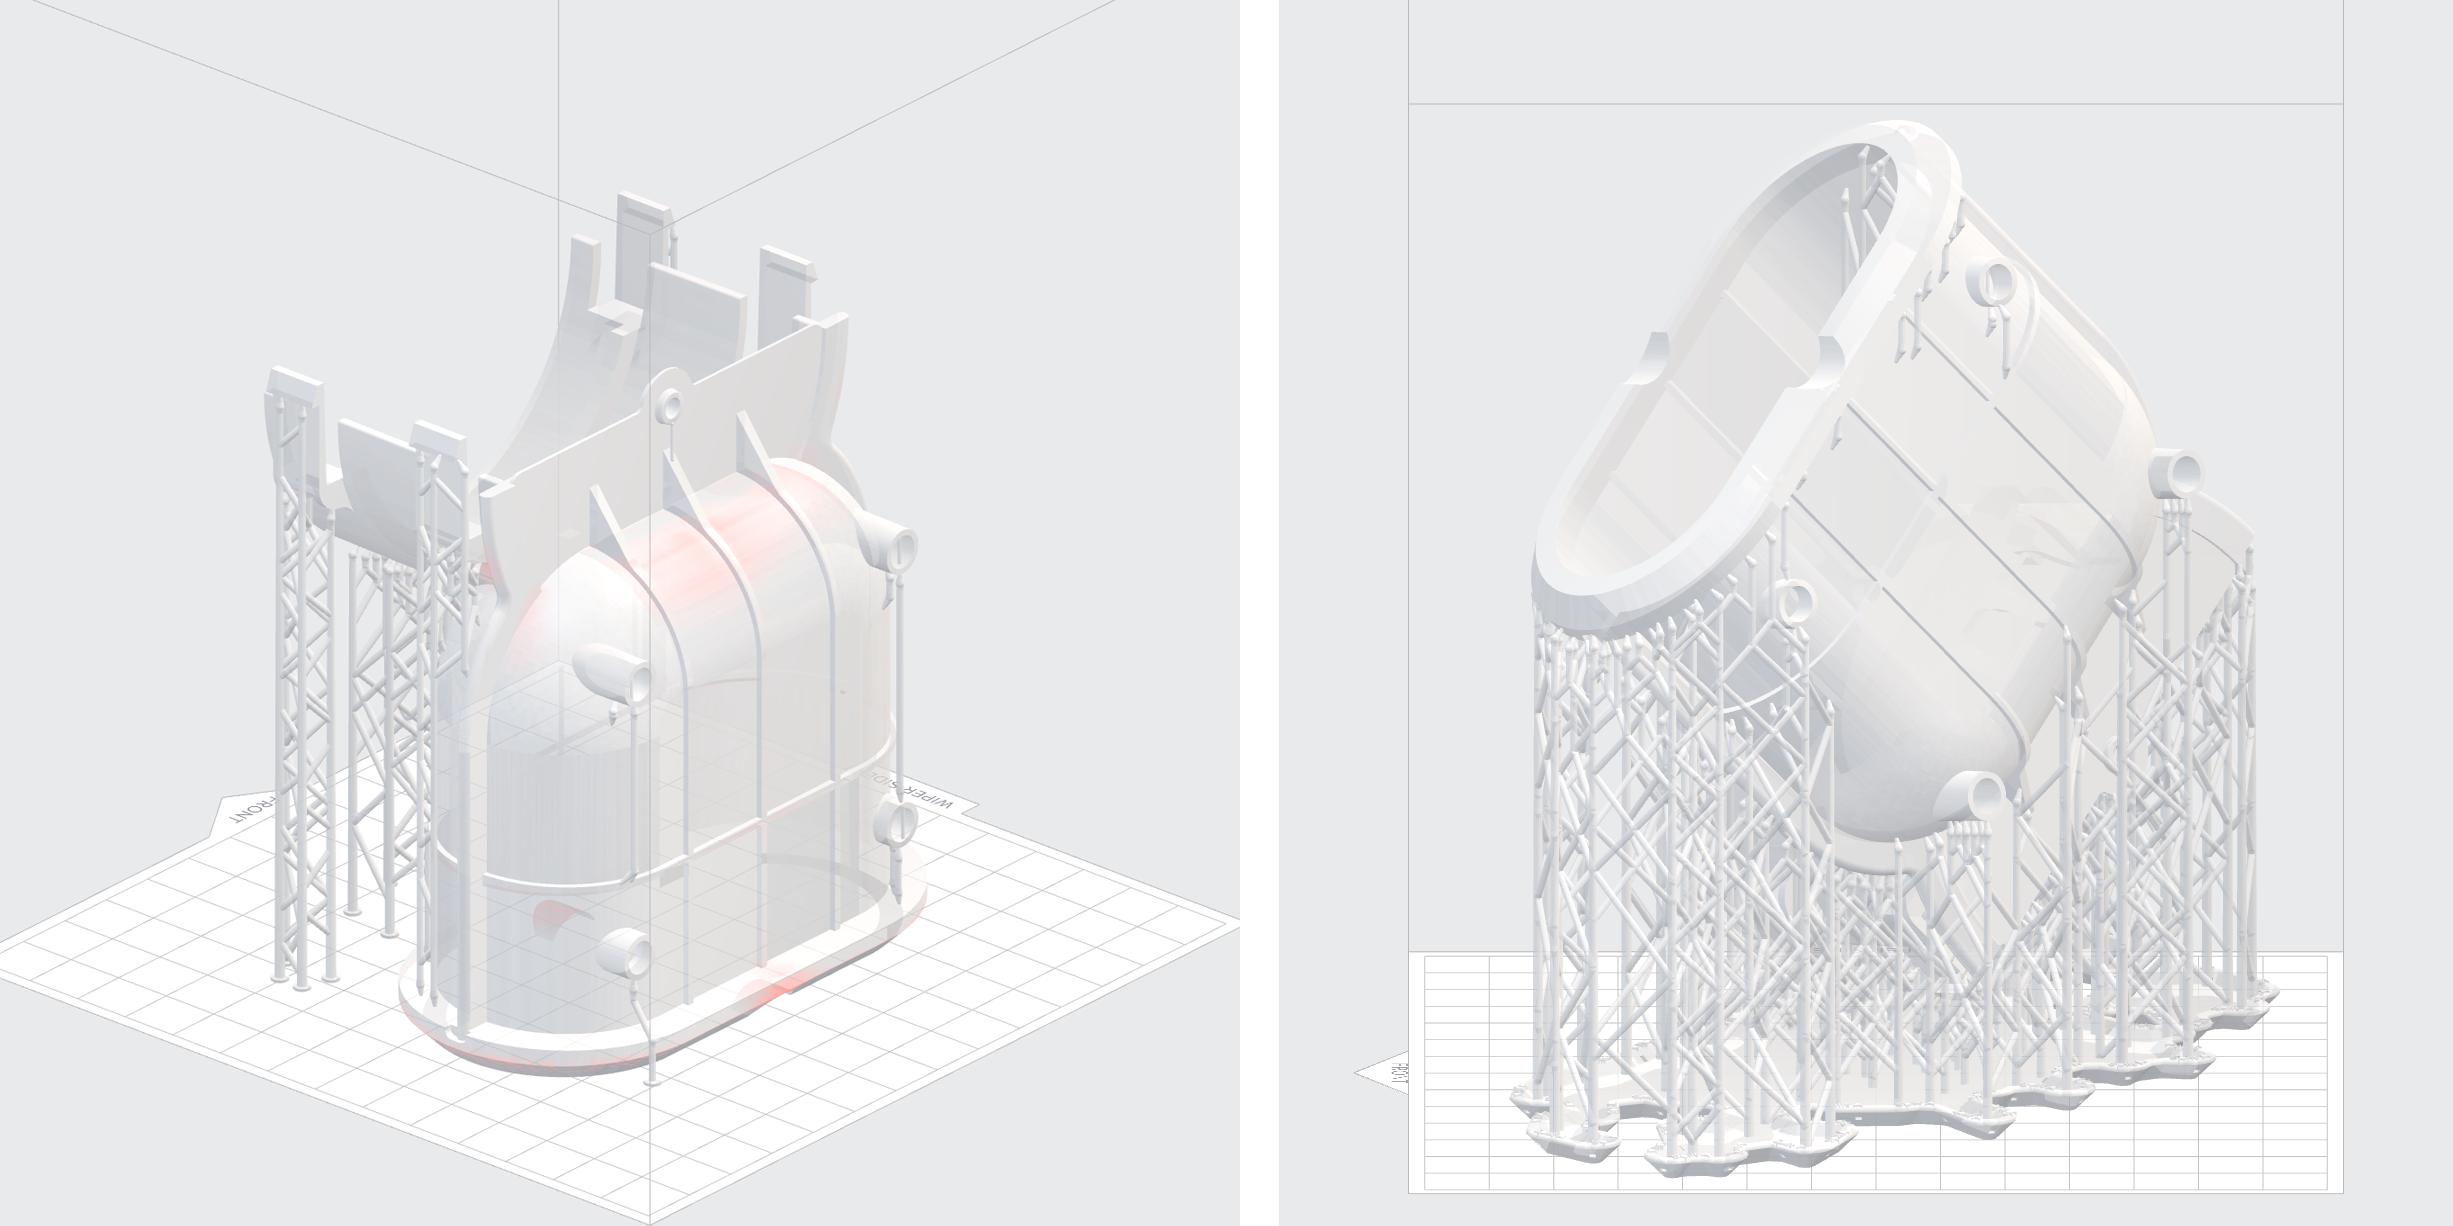 Vergleich Druck direkt auf Plattform und mit normaler Orientierung und Stuetzstruktur